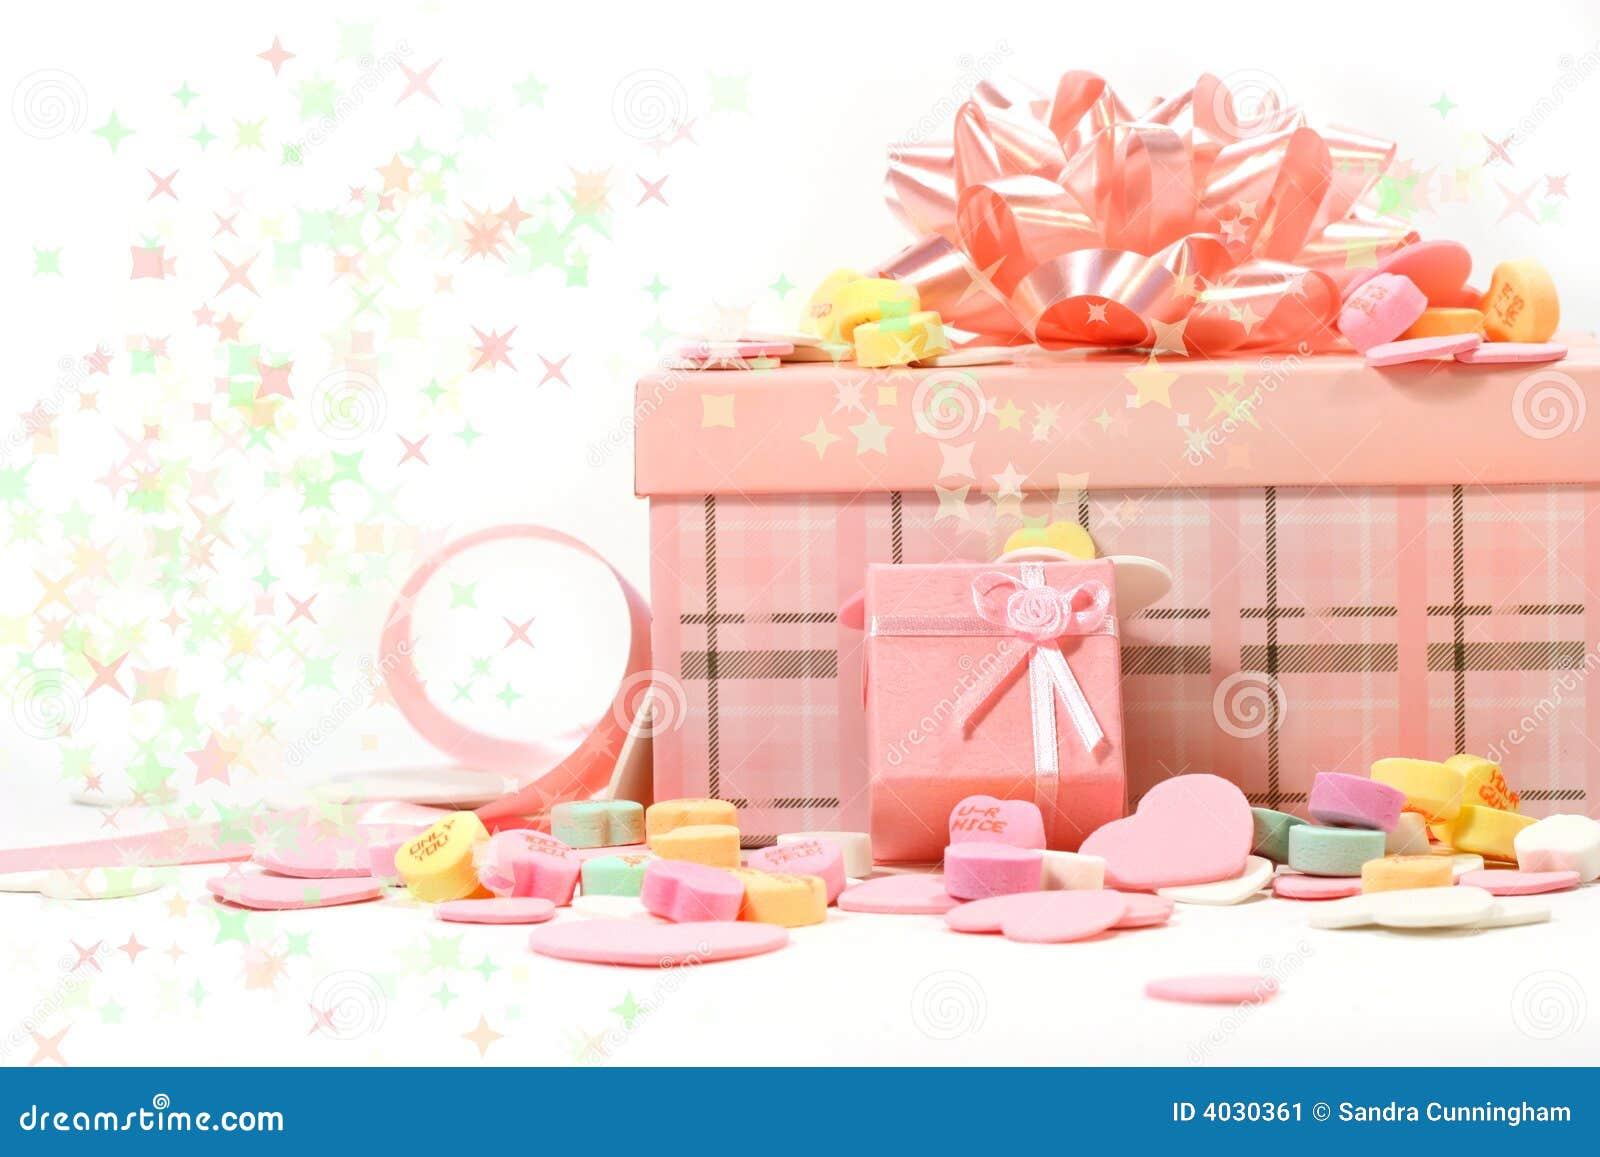 geschenke und s igkeiten f r valentinstag stockbild. Black Bedroom Furniture Sets. Home Design Ideas